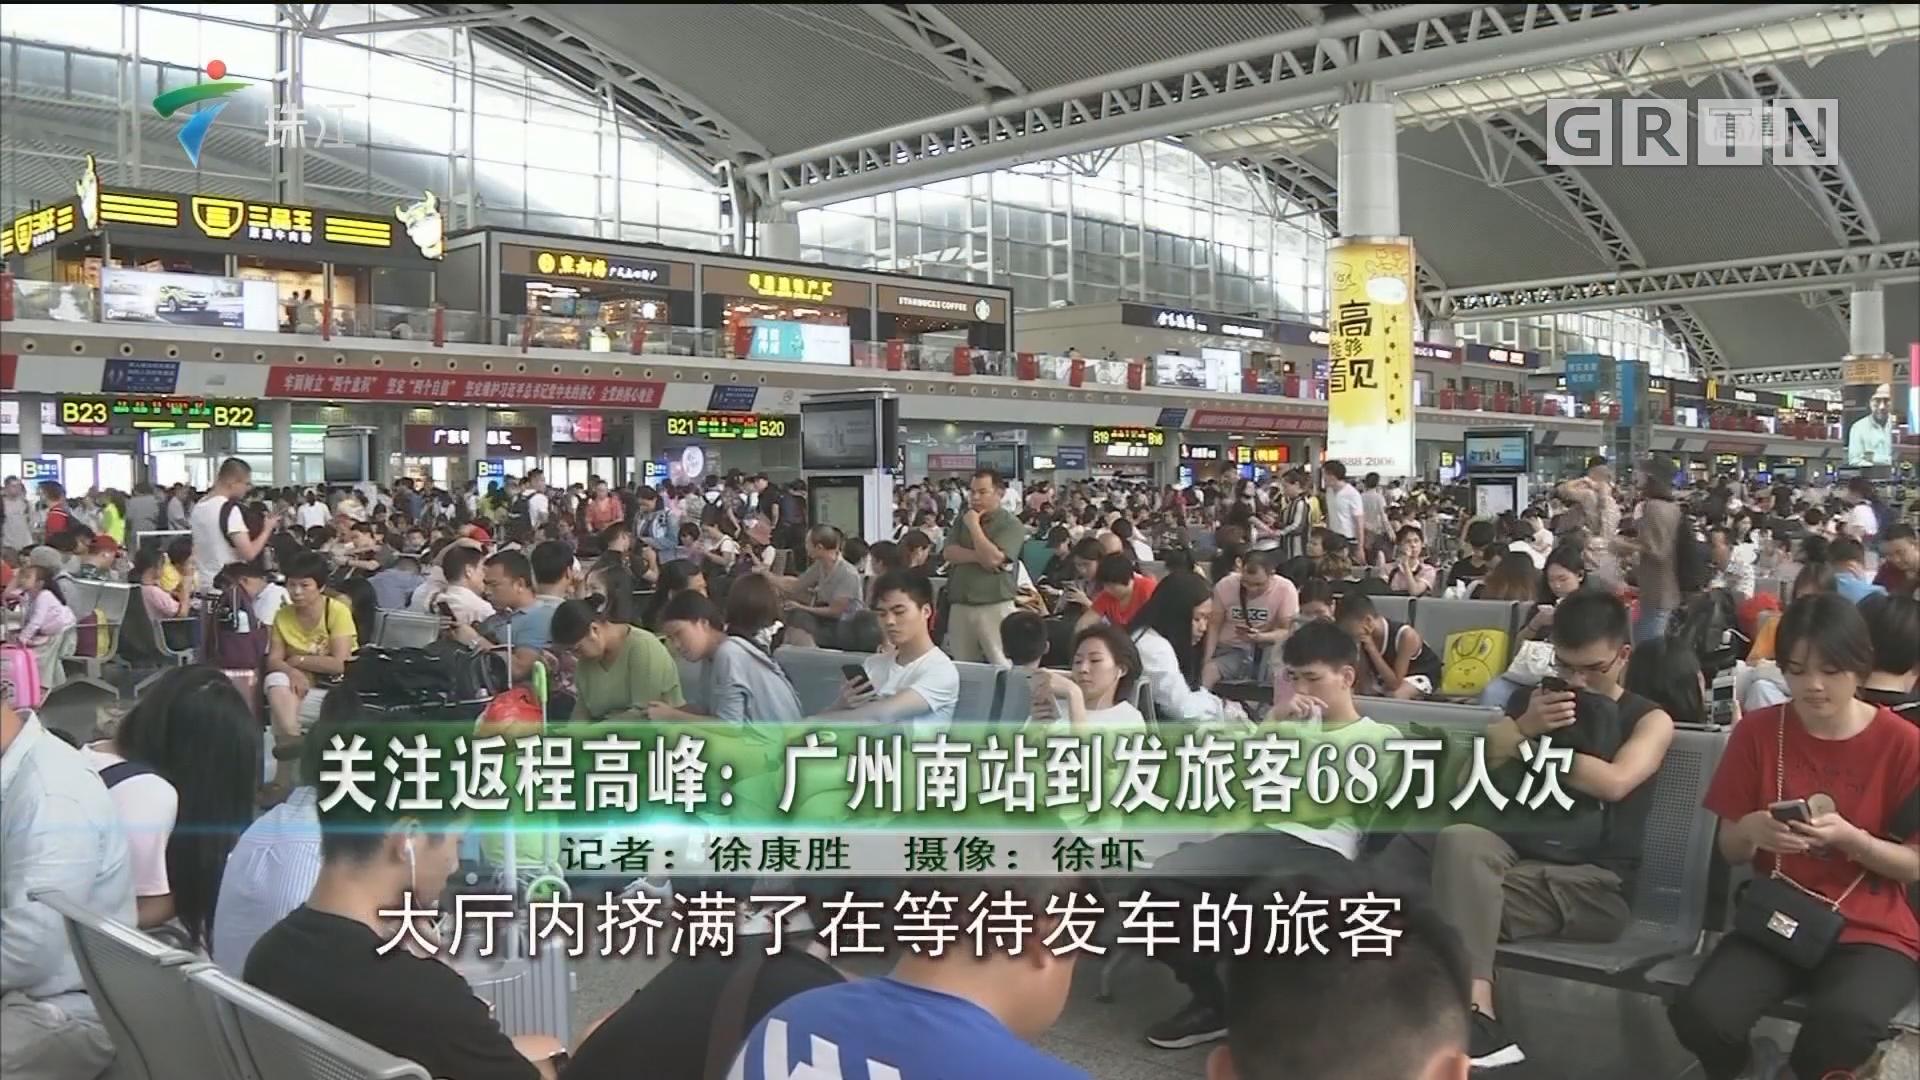 关注返程高峰:广州南站到发旅客68万人次